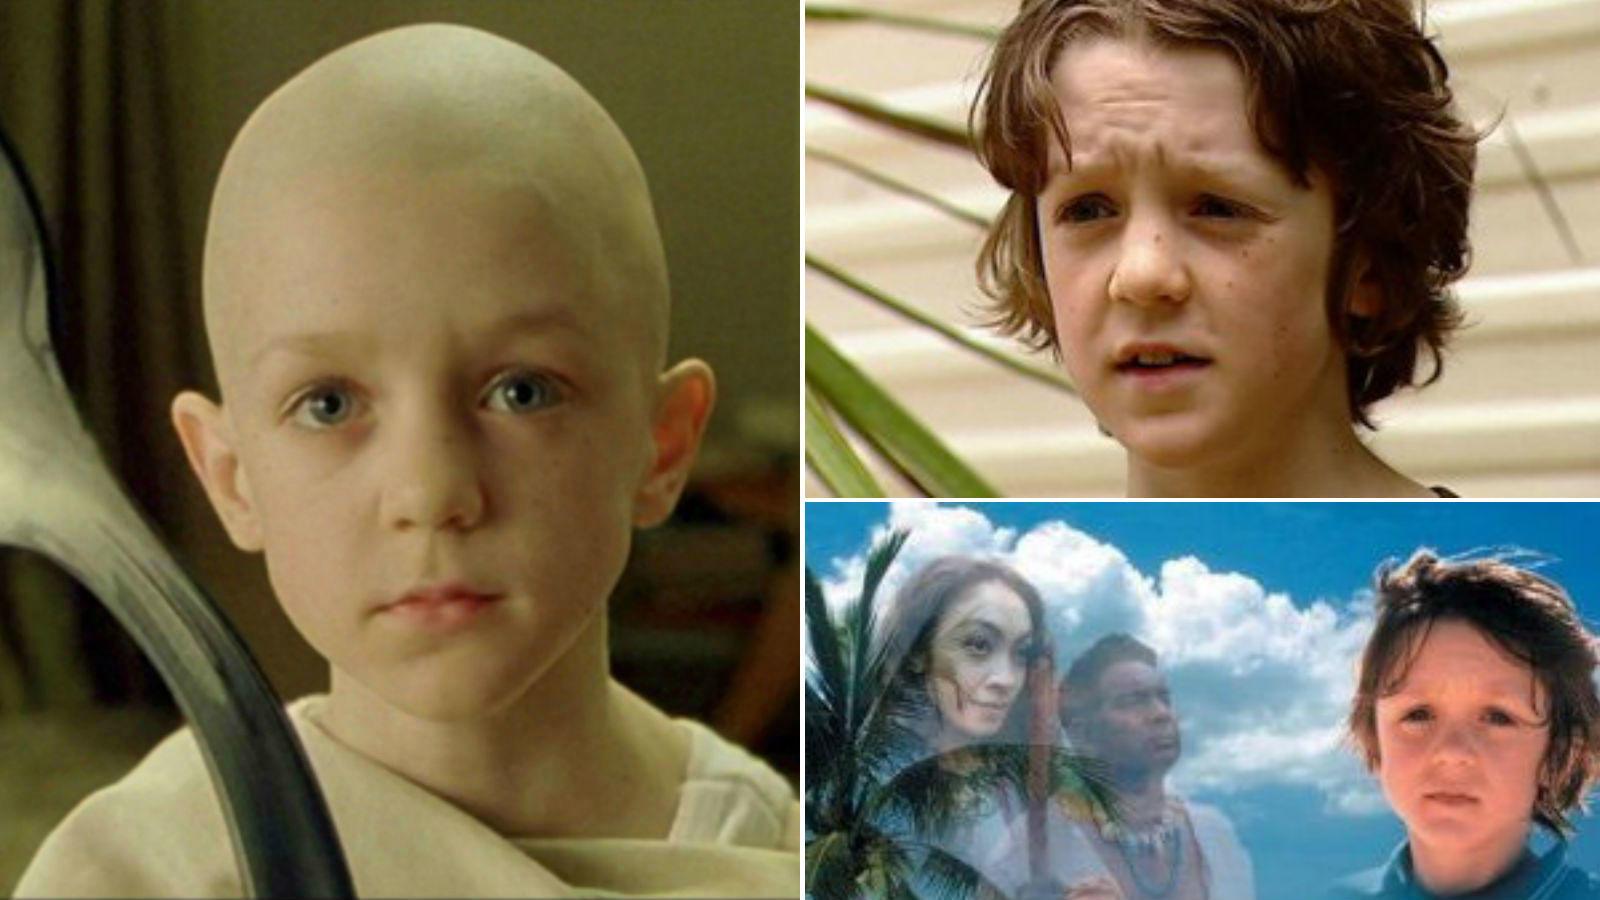 Neo az orákulumnál találkozik a kanalas kisfiúval, akit Rowan Witt alakított. Az azóta már felnőtt férfiává érett fiút csak kisebb szerepekben láthattuk, de ő volt a főszereplője a Twist Olivér legújabb kalandjai c. 2001-ben készült sorozatnak is. (Warner Bros./ Portman Global Ltd., Aquarius TV)